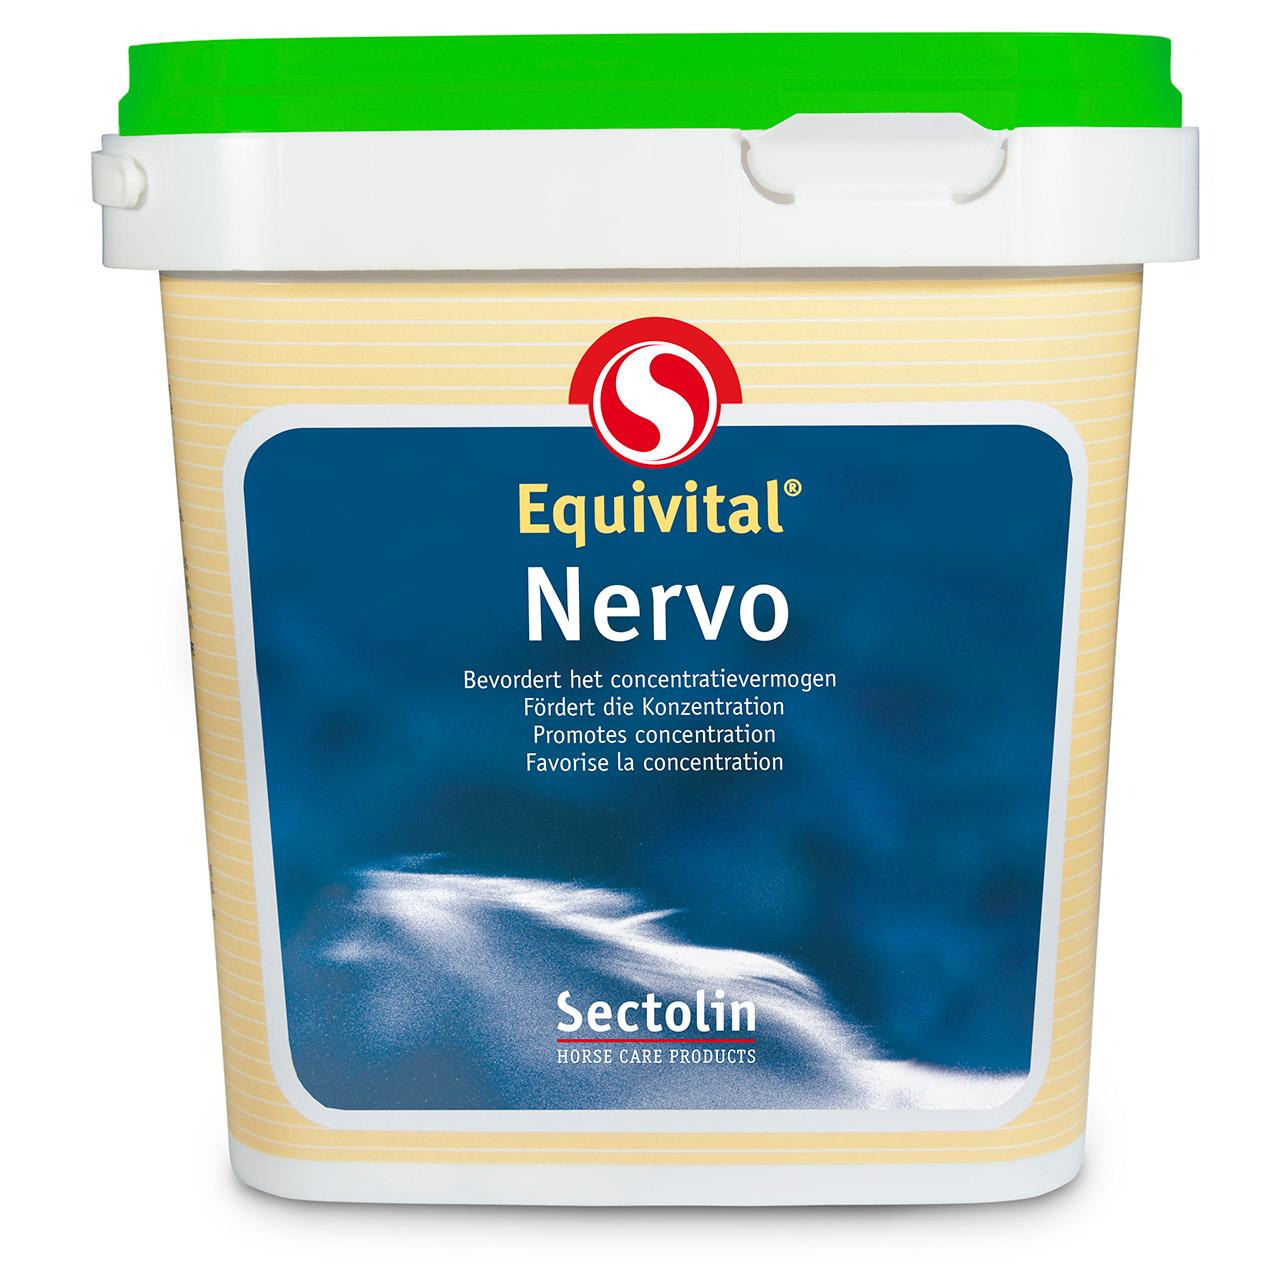 Sectolin Equivital Nervo